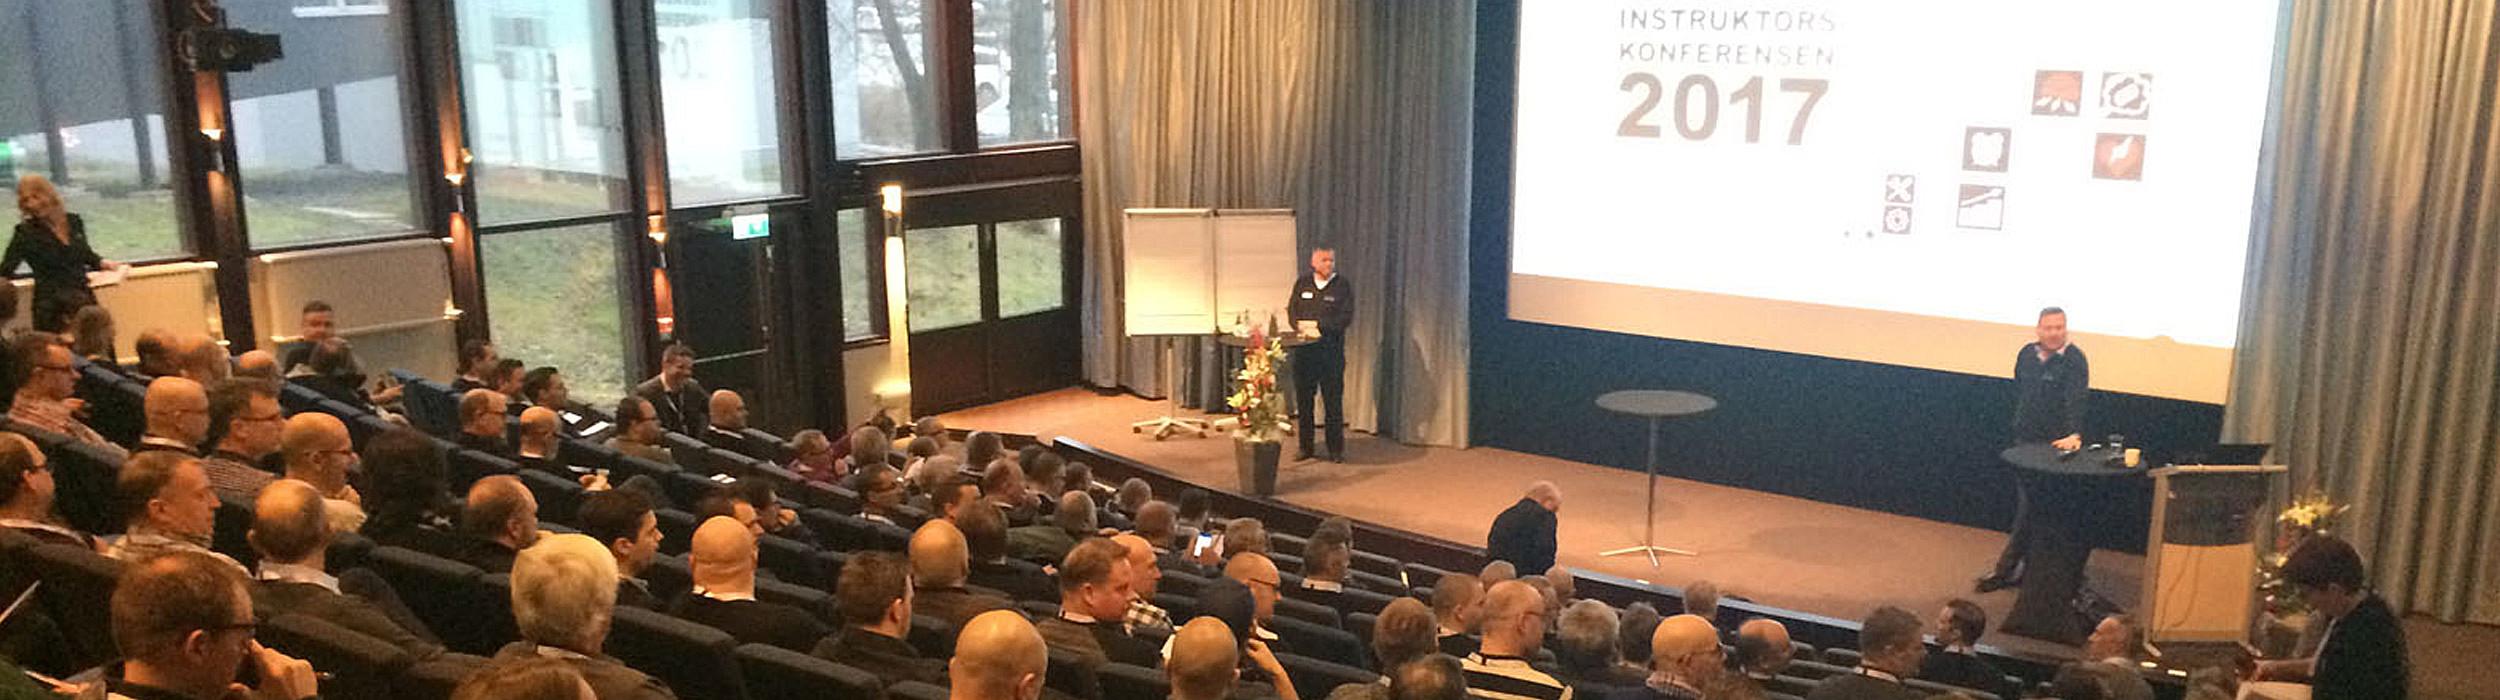 Årlig konferens om Truckförarutbildning